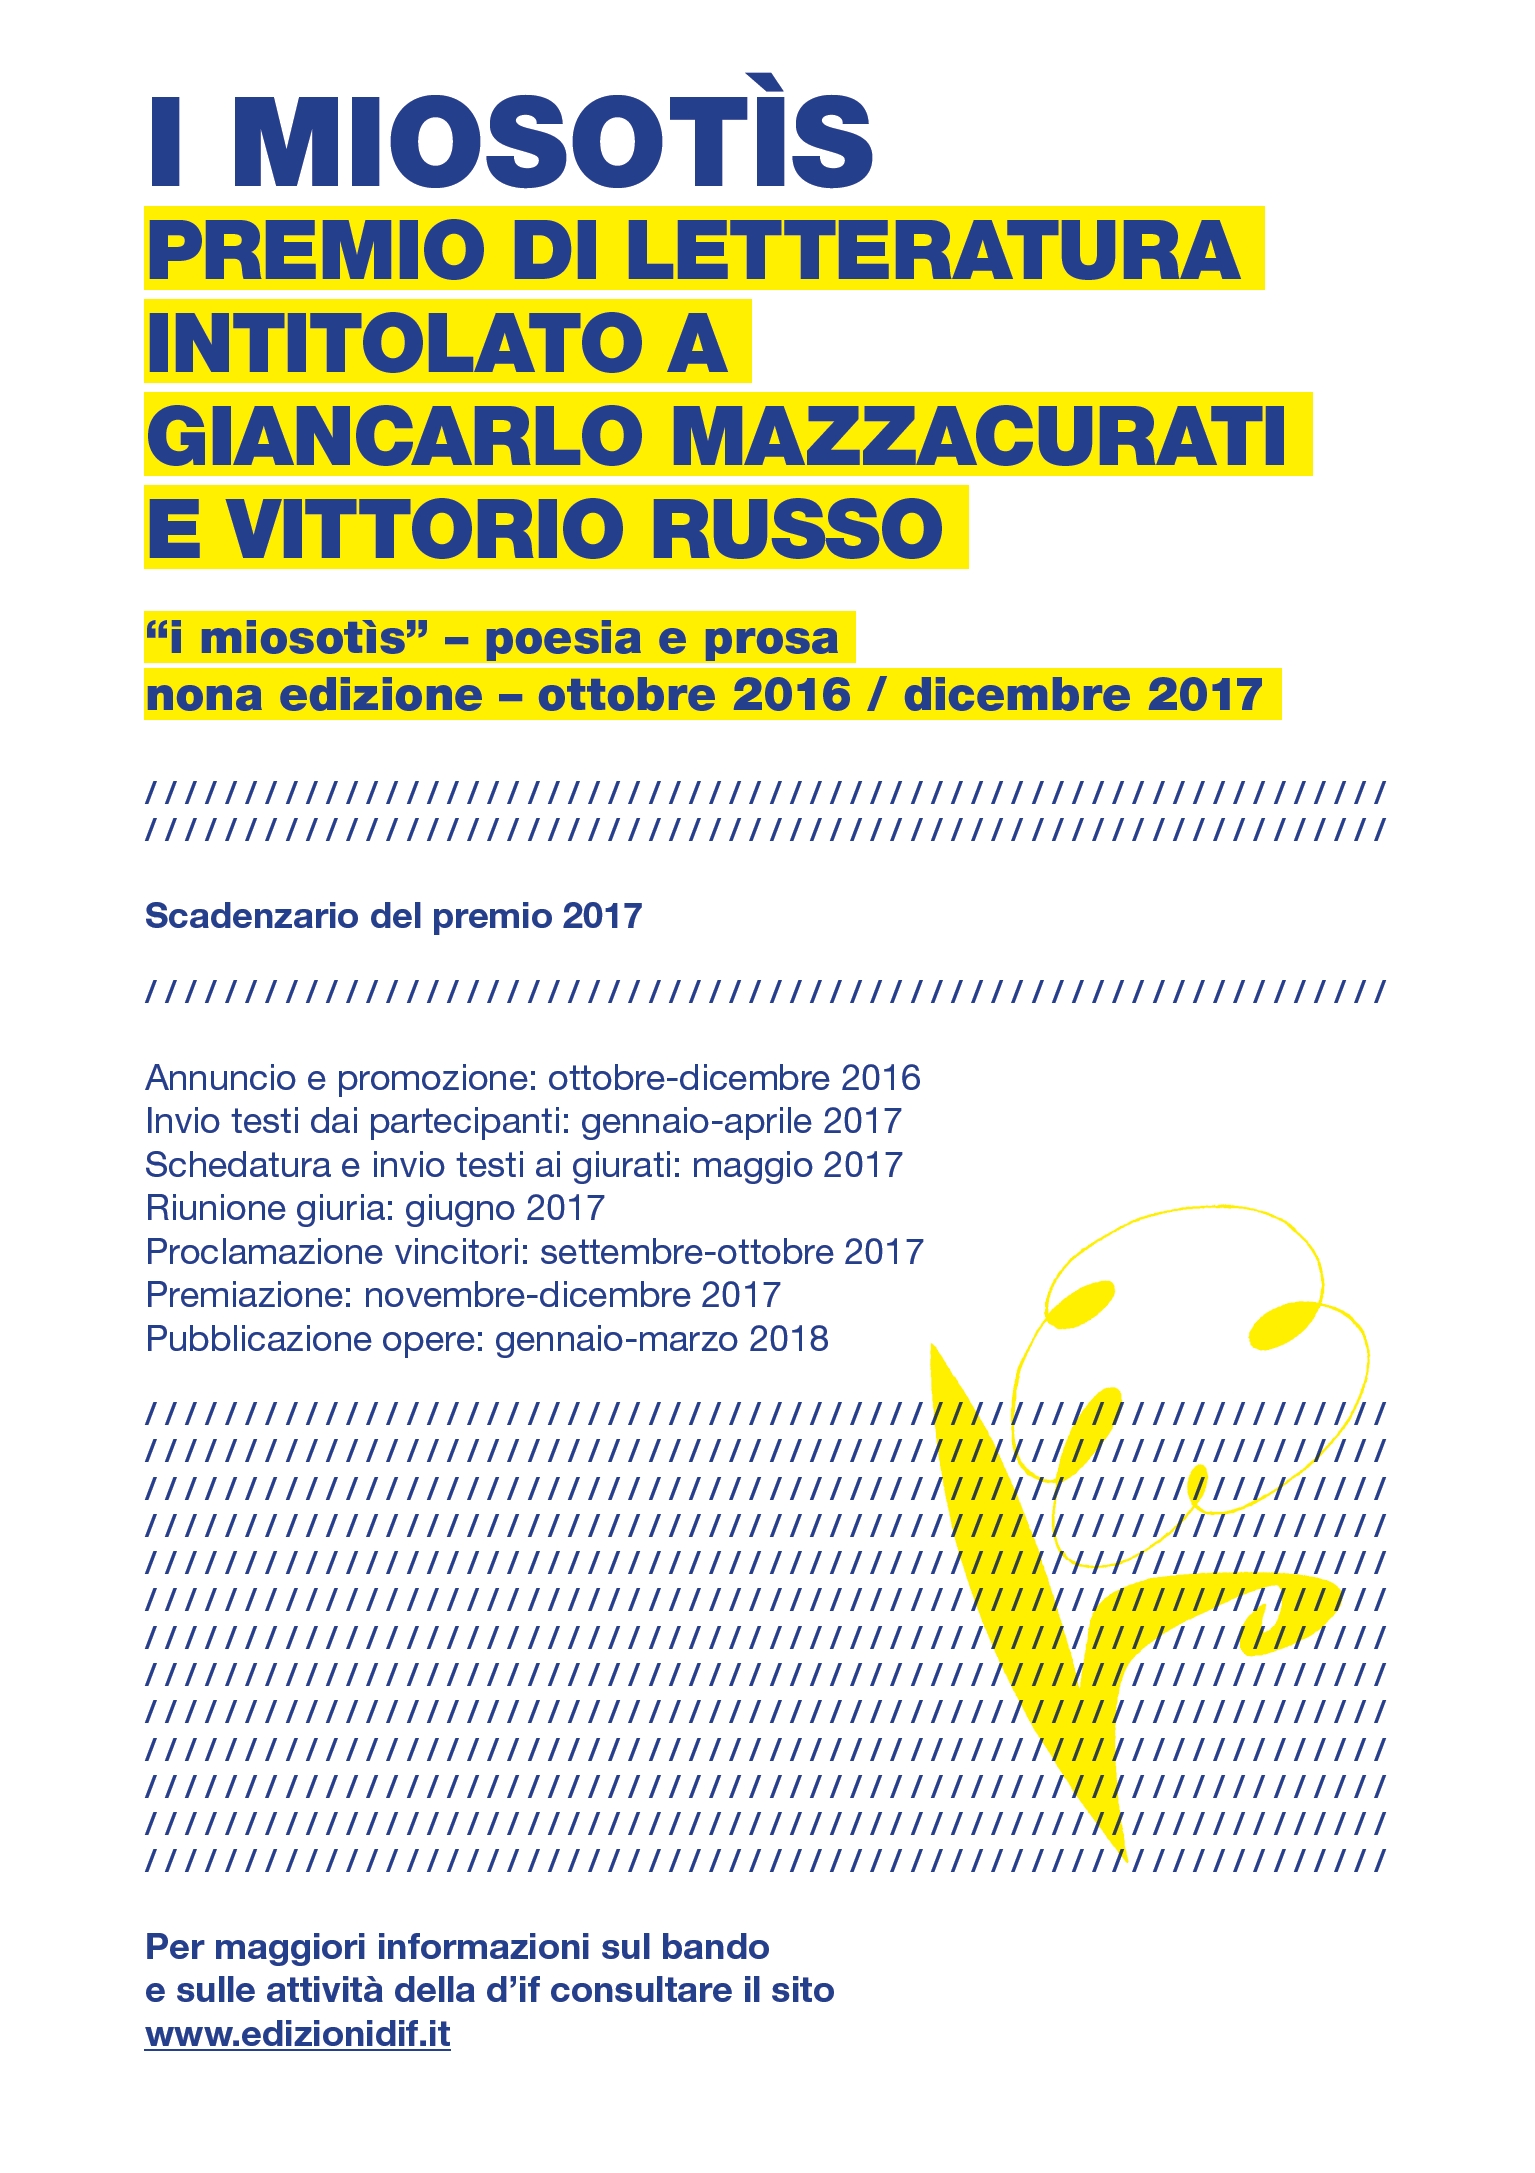 Premio Miosotìs 2017